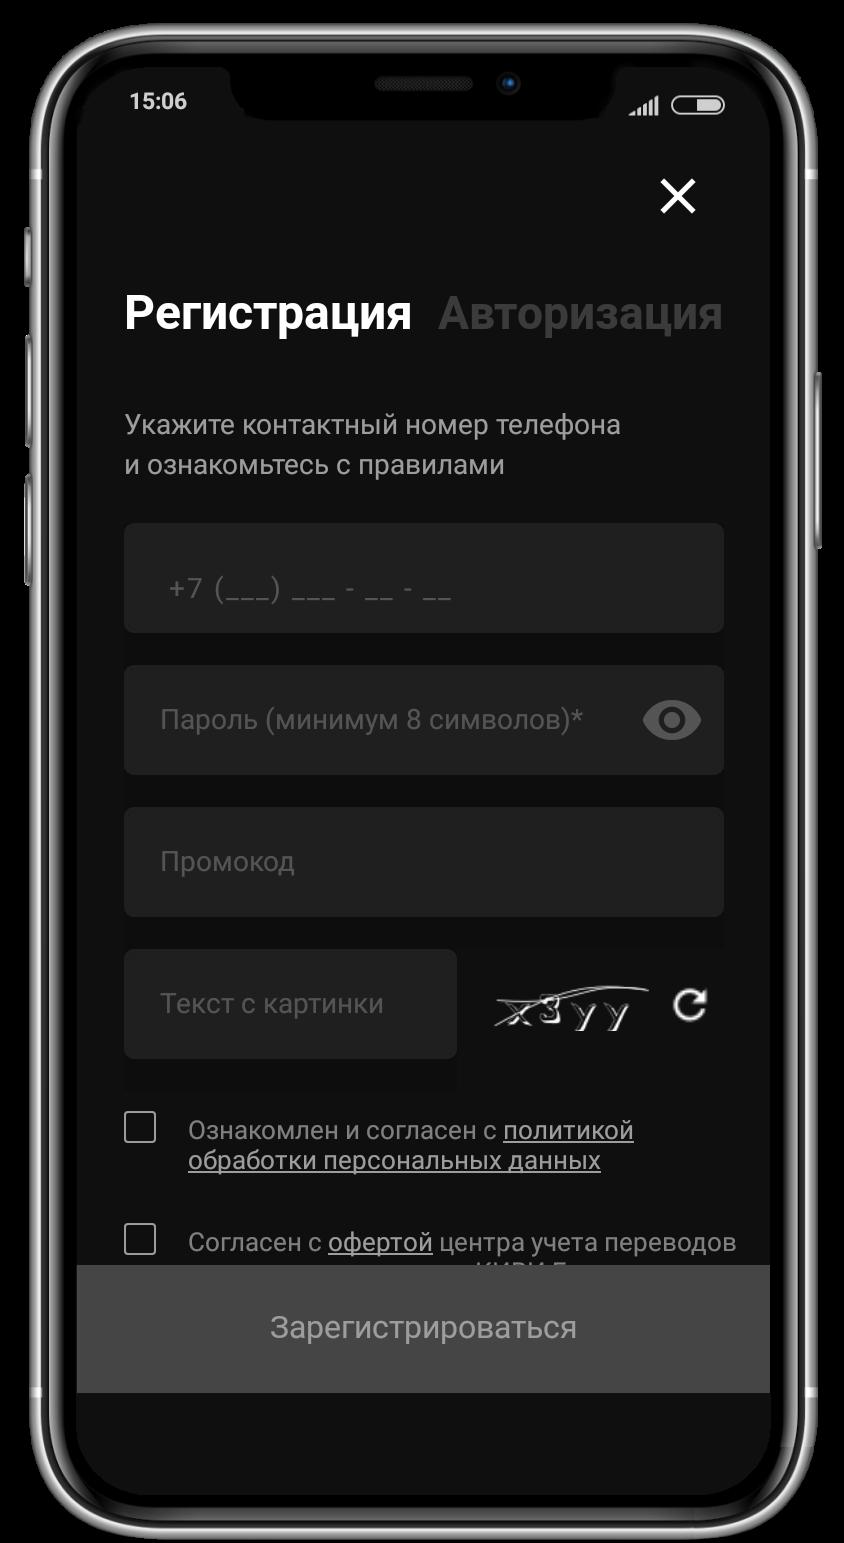 iOS Регистрация в бетбум